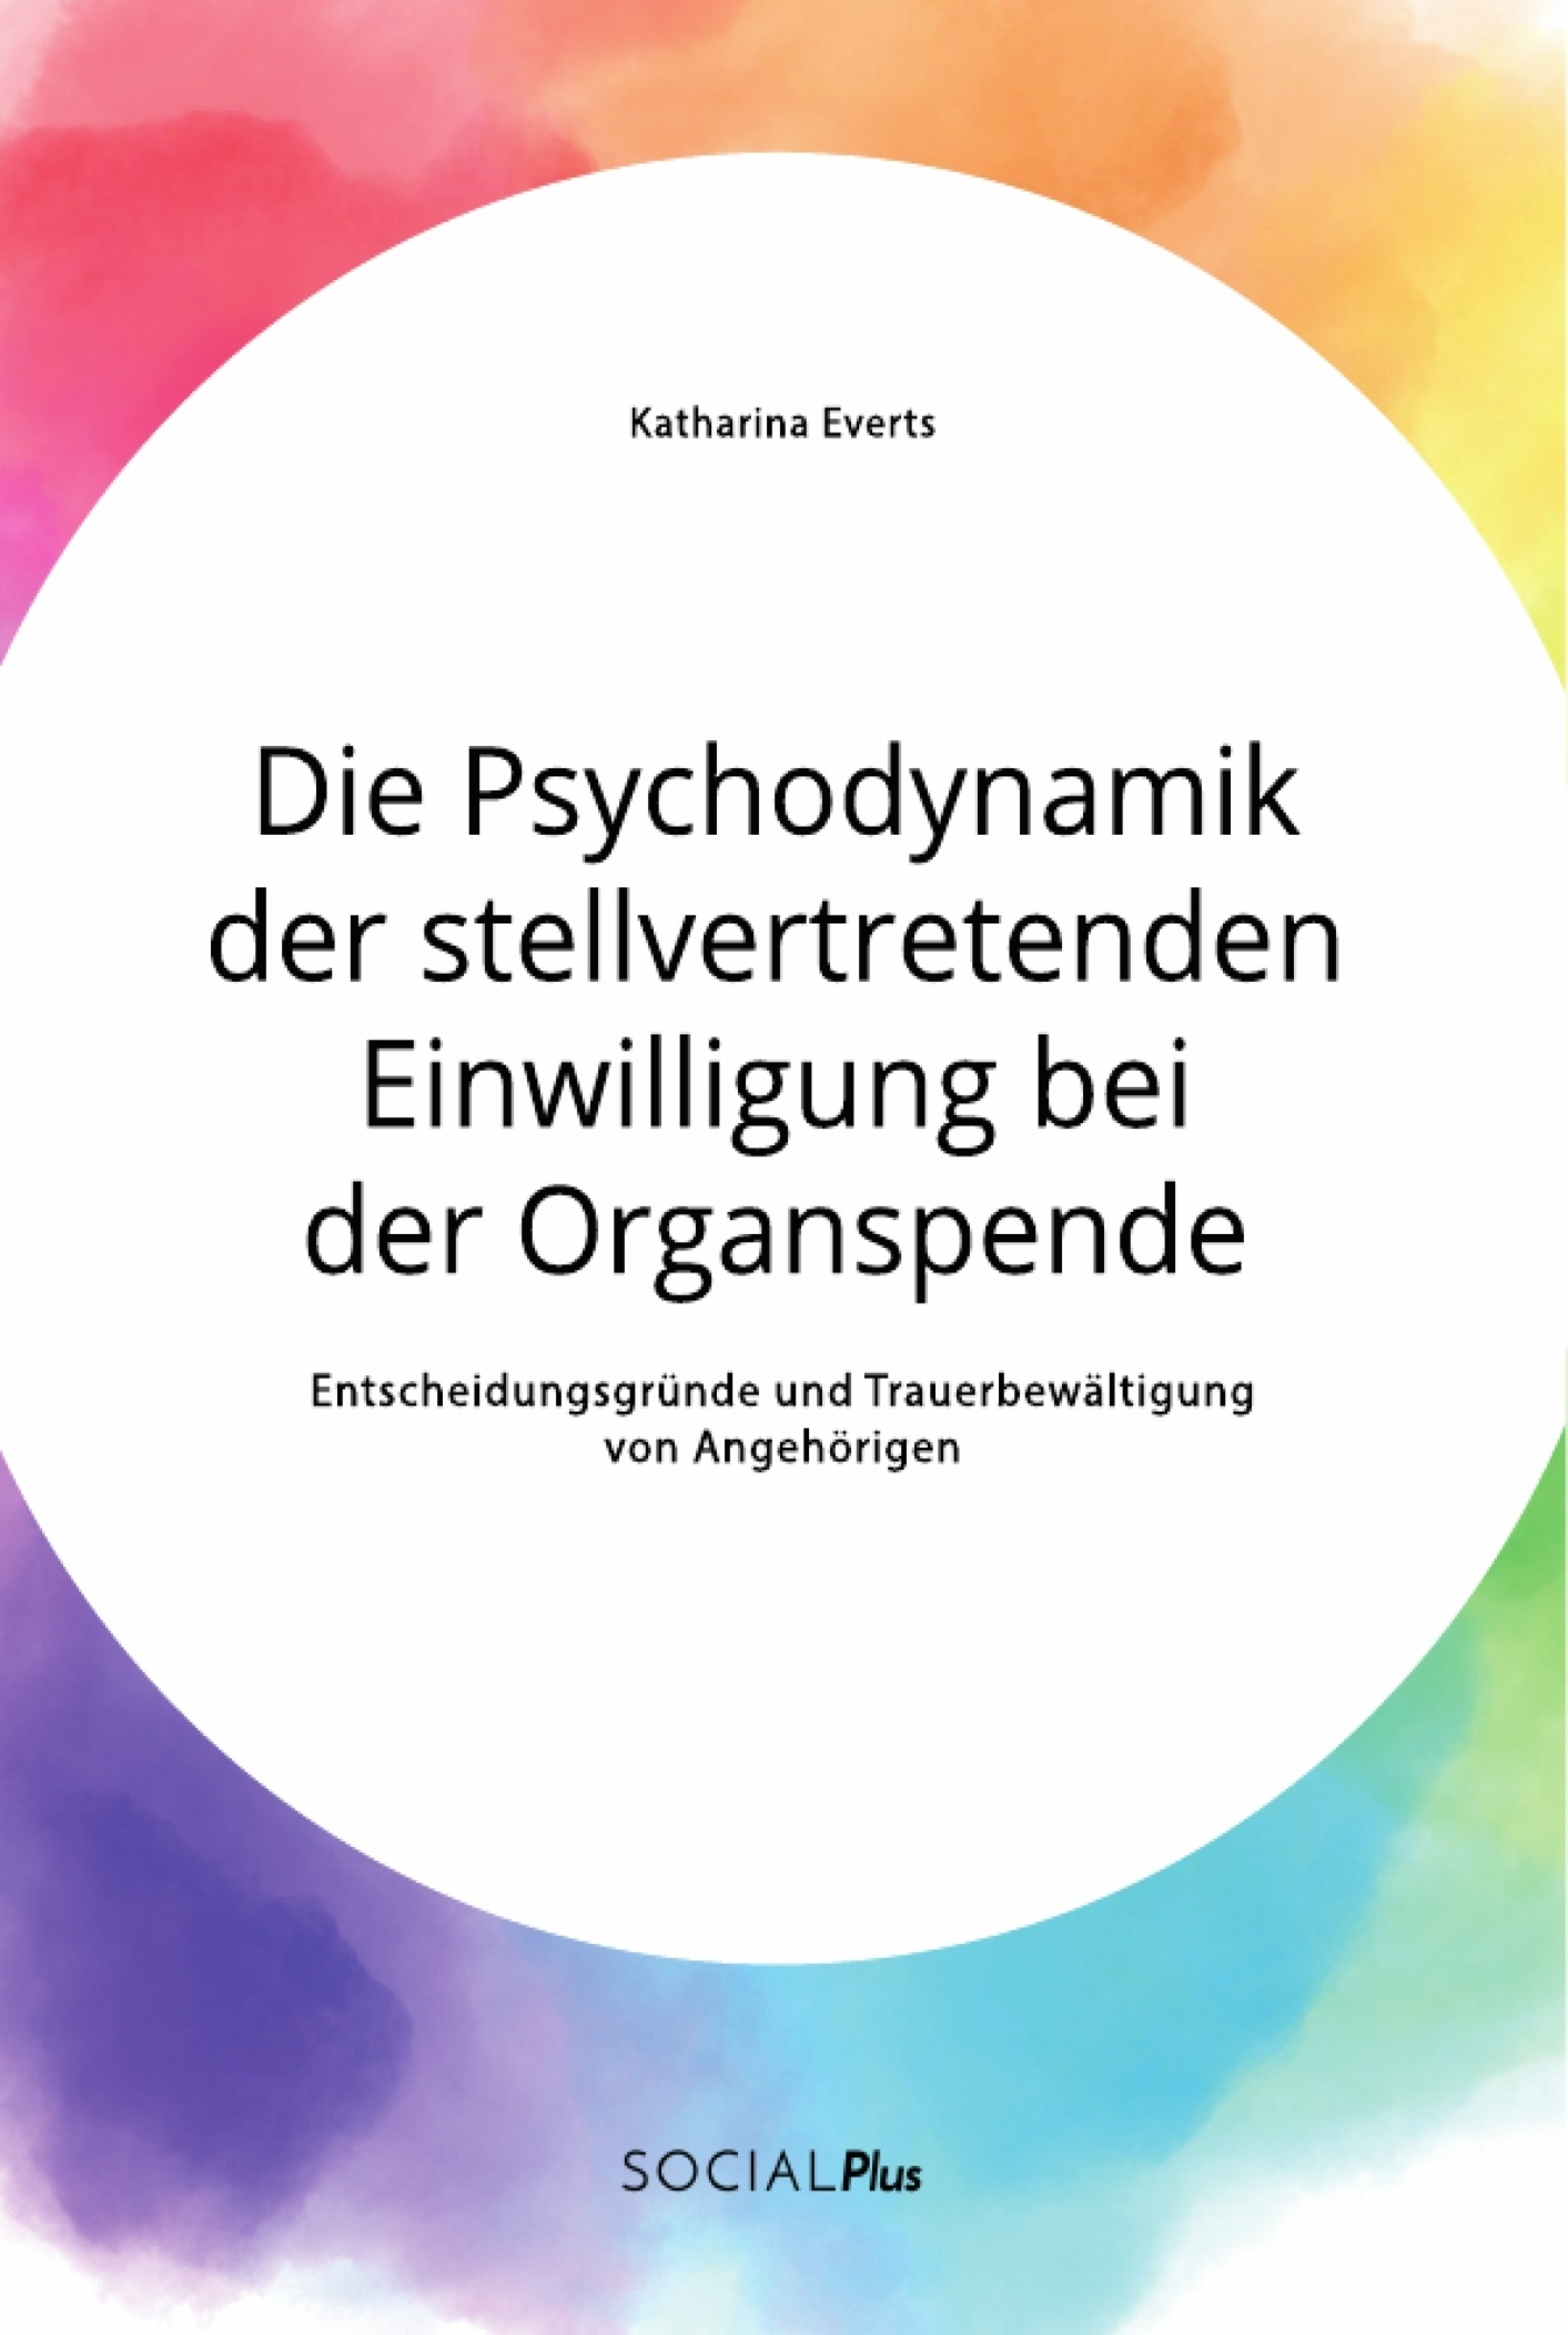 Titel: Die Psychodynamik der stellvertretenden Einwilligung bei der Organspende. Entscheidungsgründe und Trauerbewältigung von Angehörigen